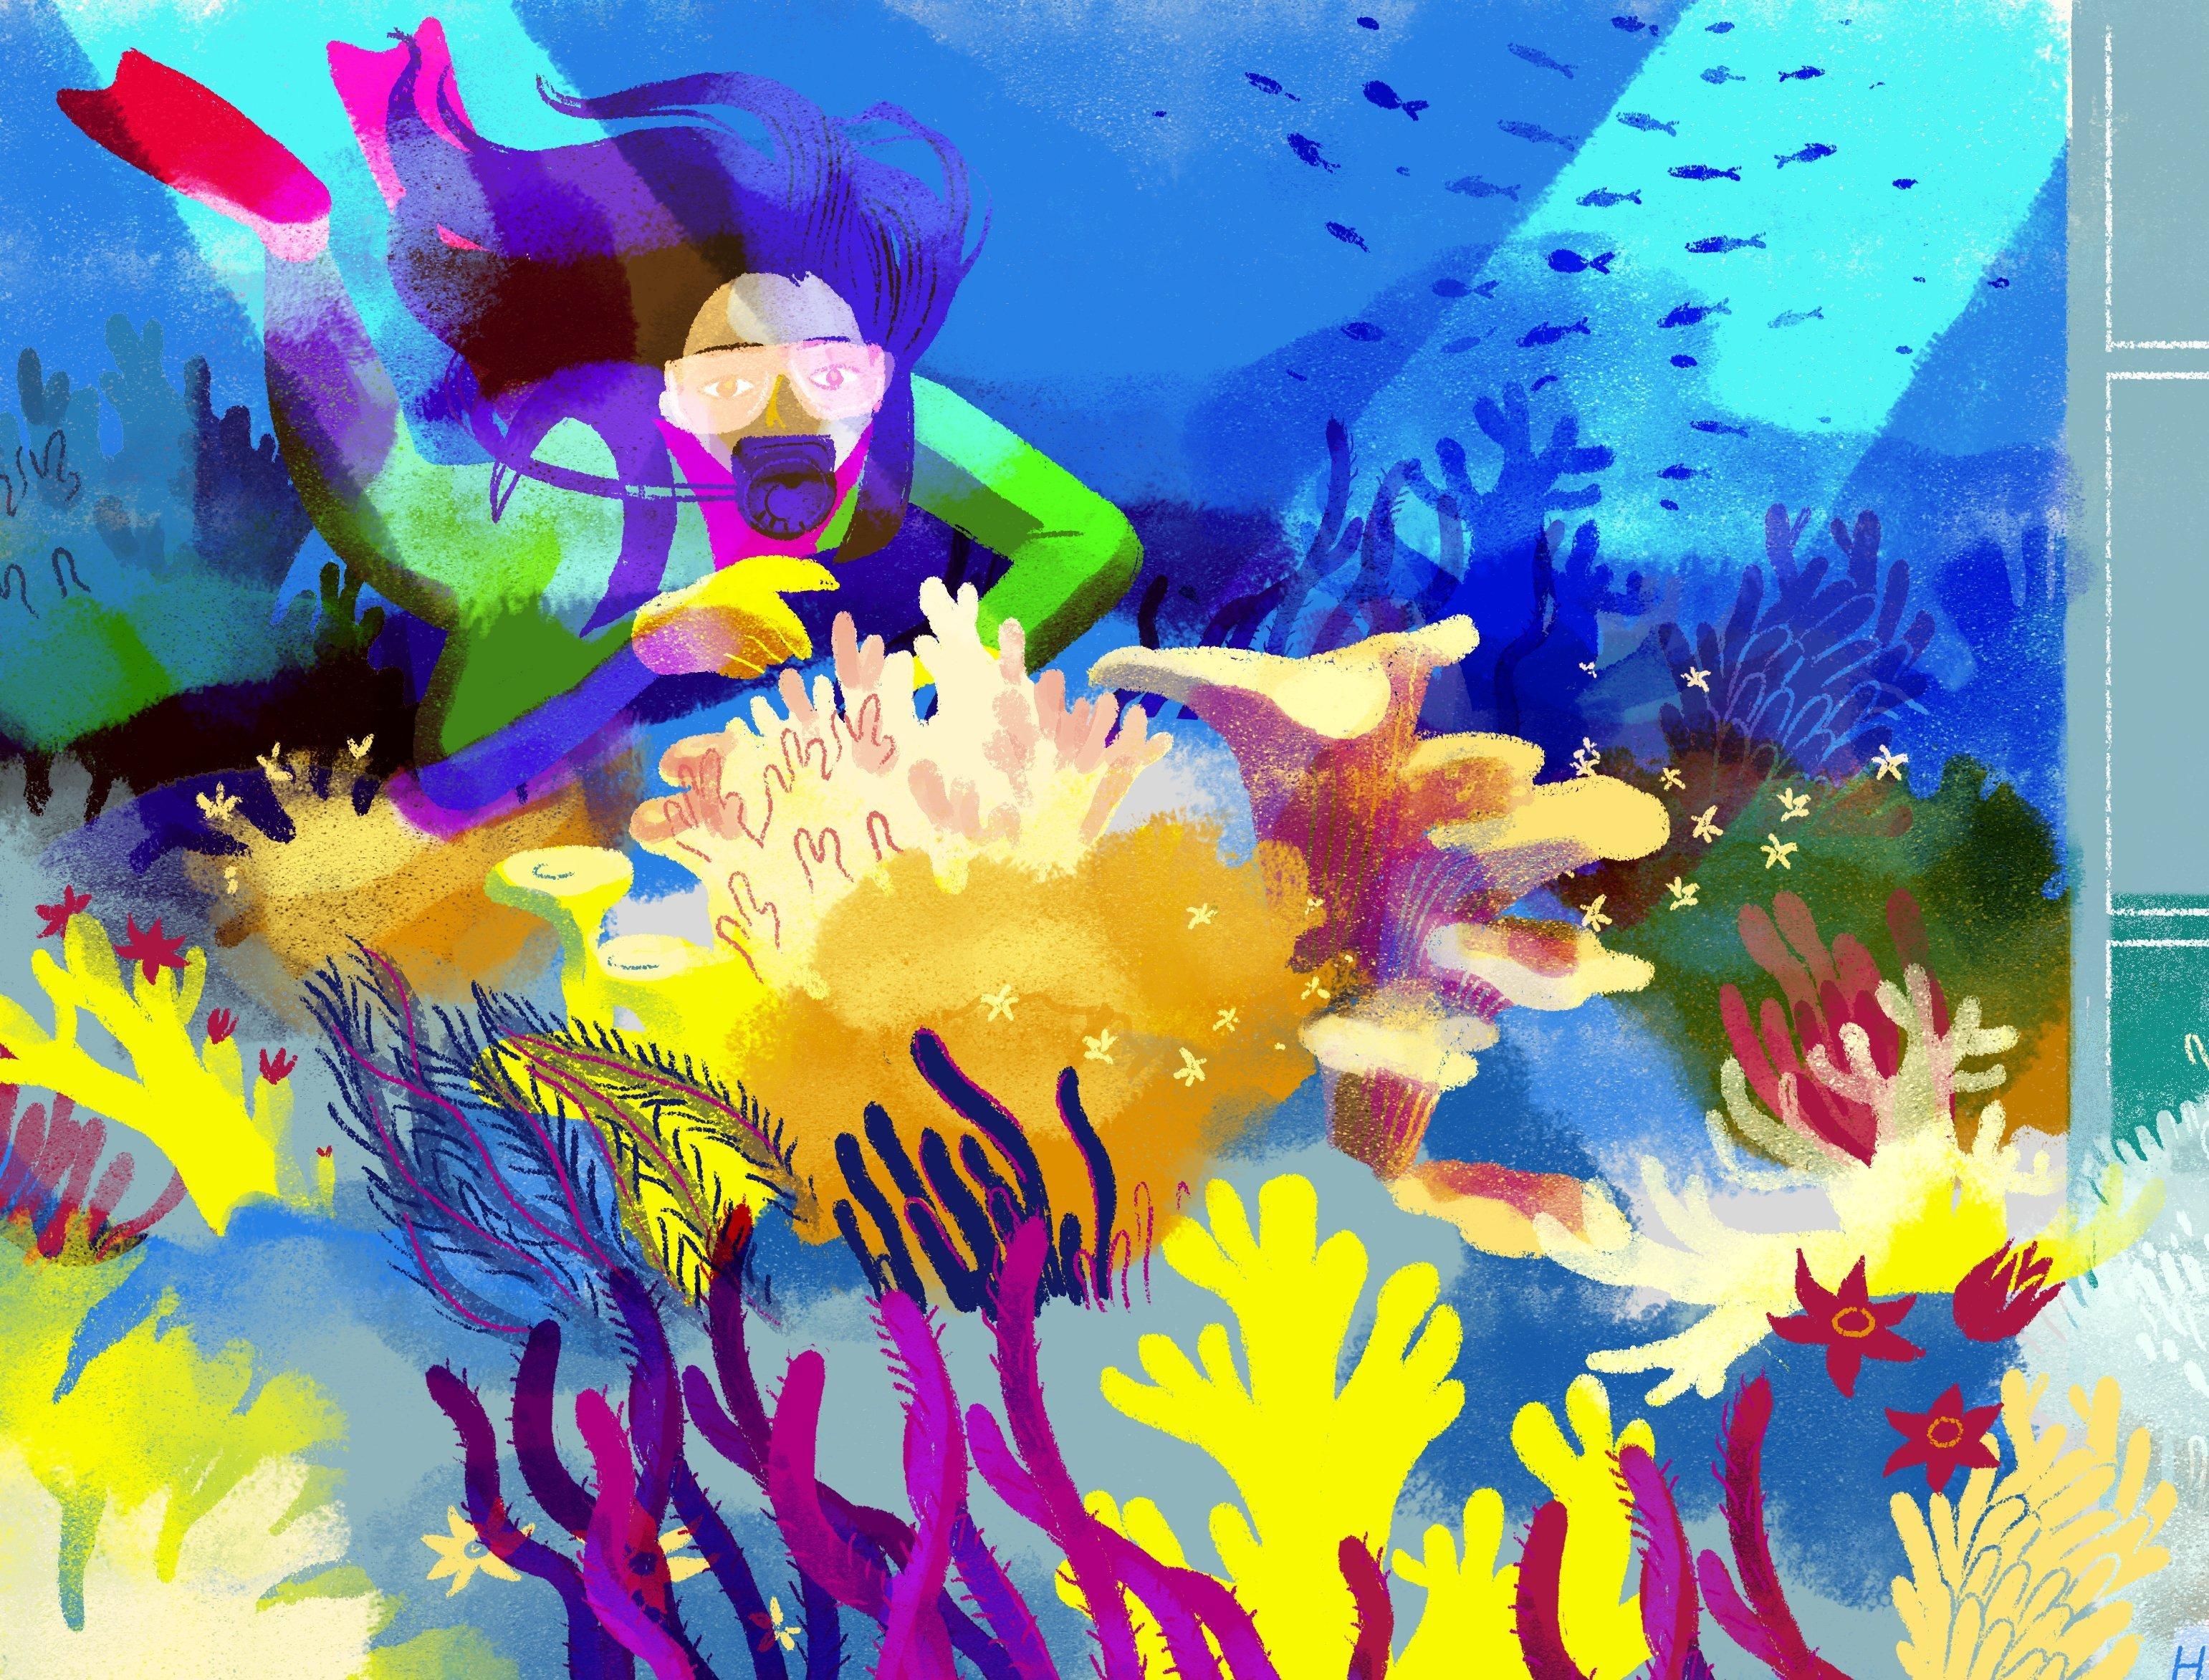 NagoyaBanner2_7_18_19_diving